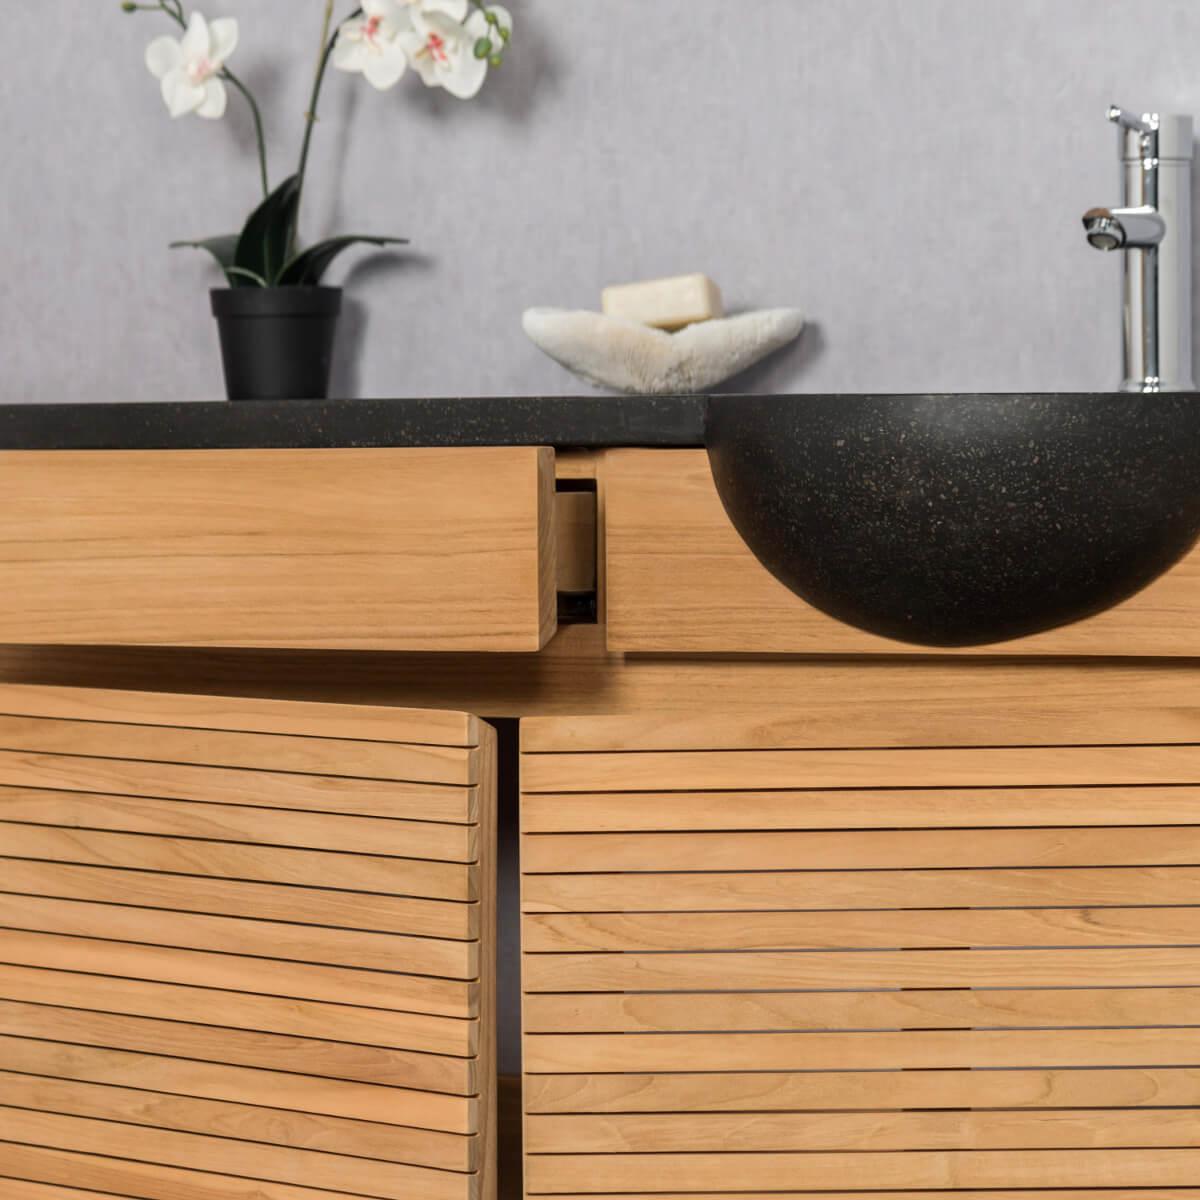 Meuble salle de bain meuble suspendu teck avec vasque for Meuble salle de bain contemporain